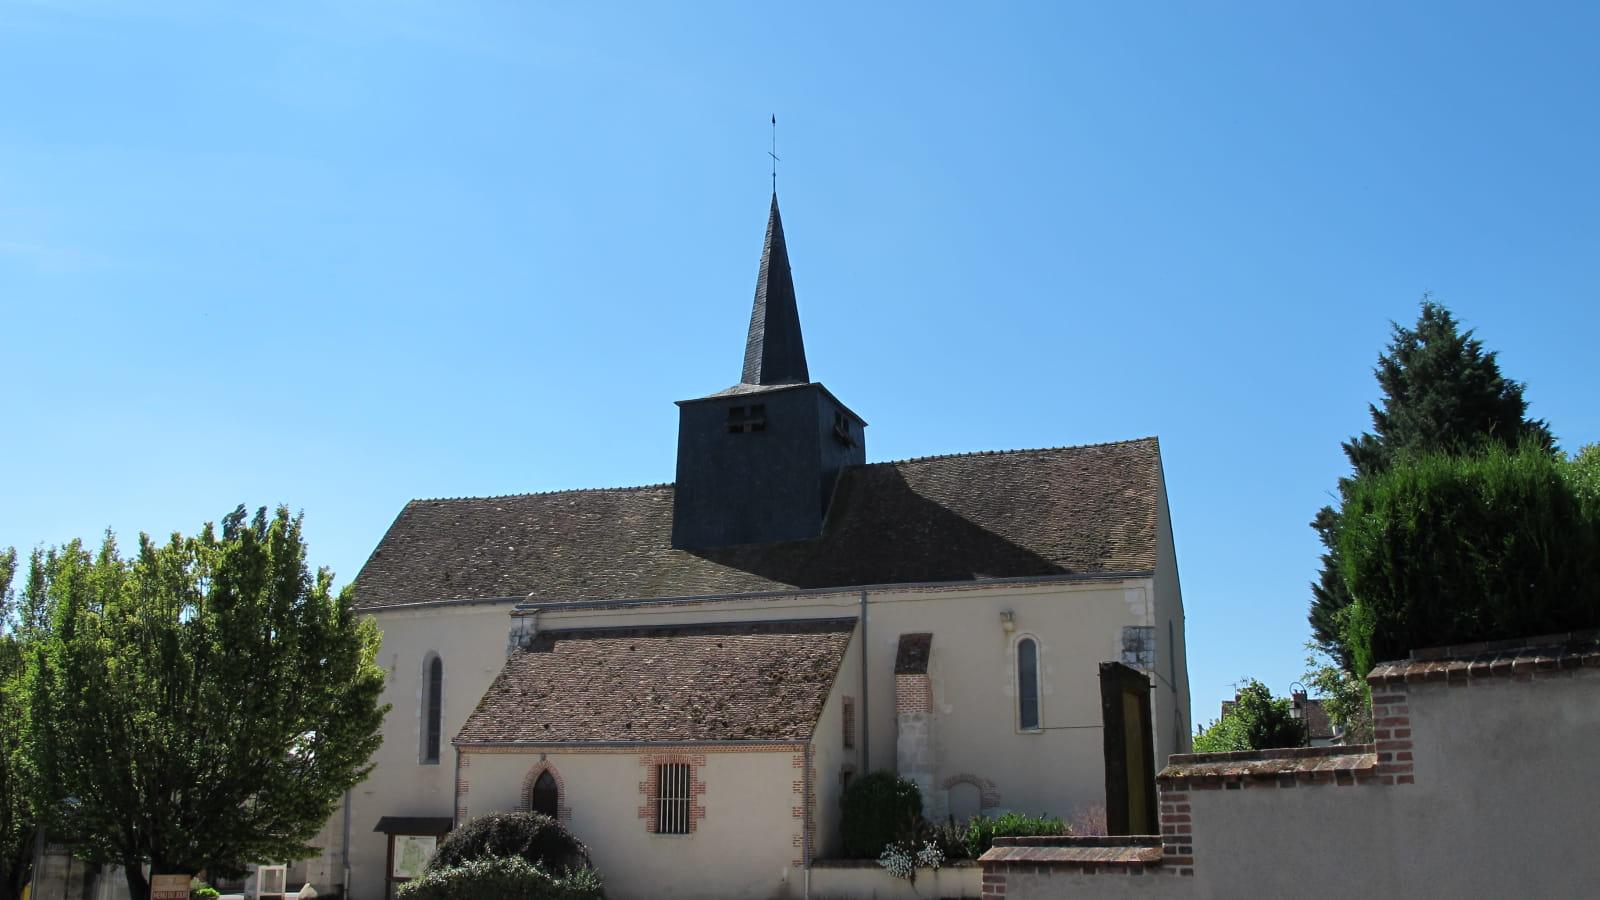 Visite guidée des églises - Eglise Saint Nicolas - Saint Aignan le Jaillard